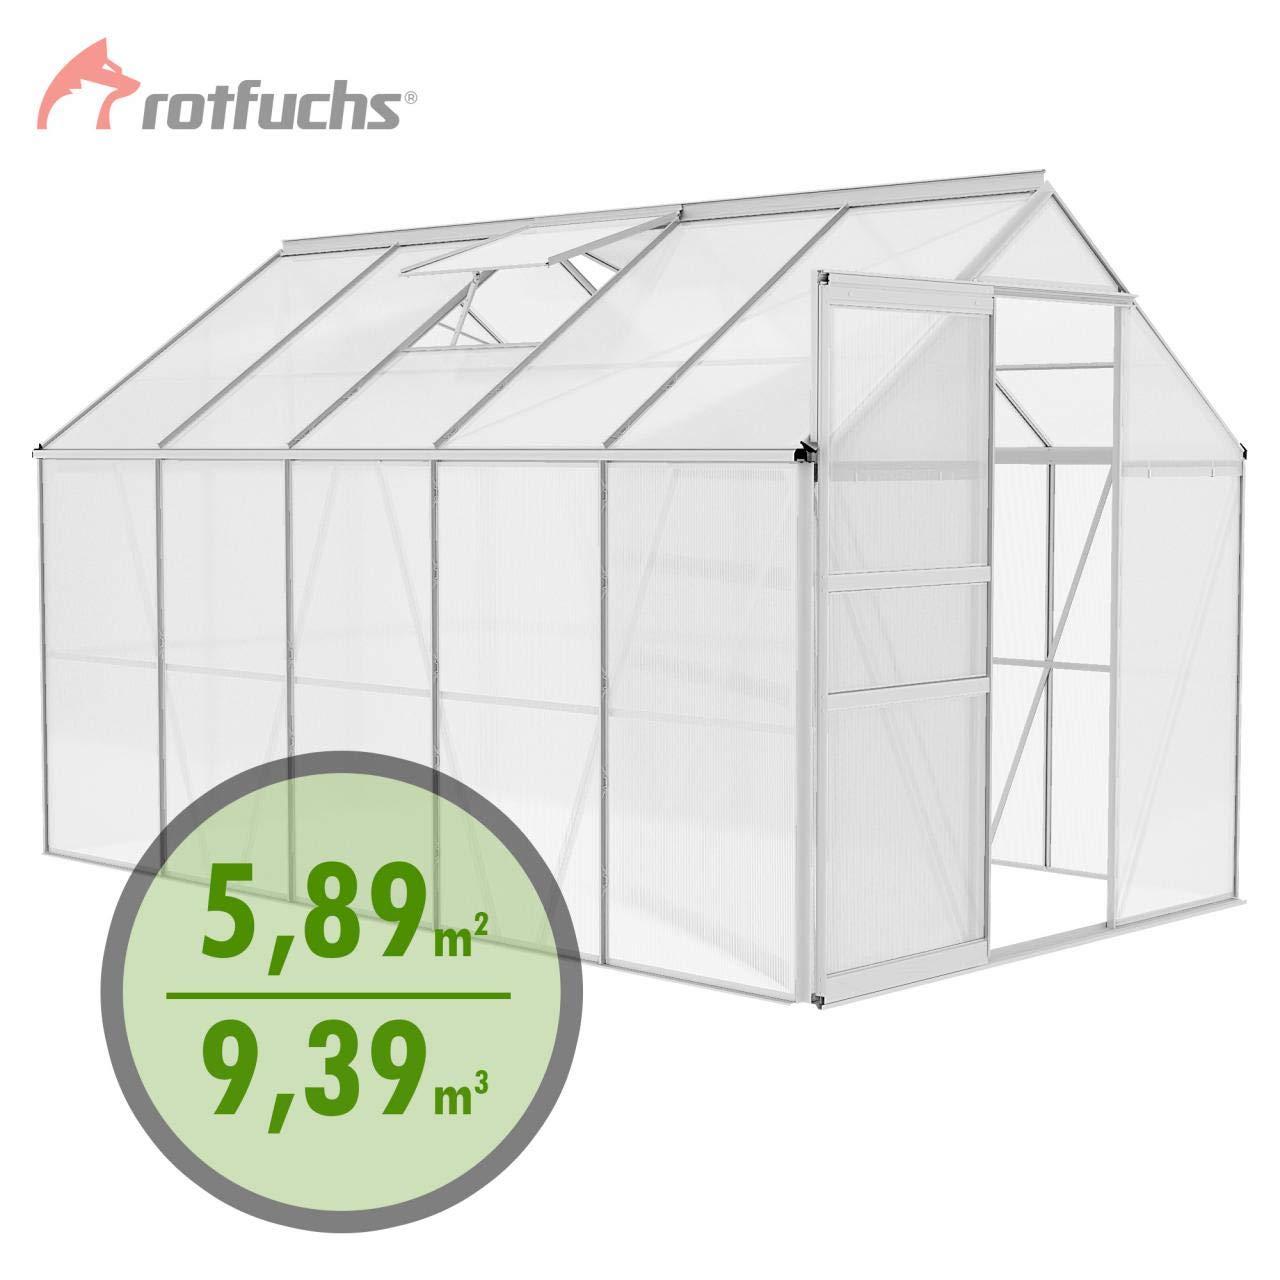 Rotfuchs Gewächshaus Treibhaus Alu Gewächshaus Tomatenhaus Pflanzenhaus 9,39 m³